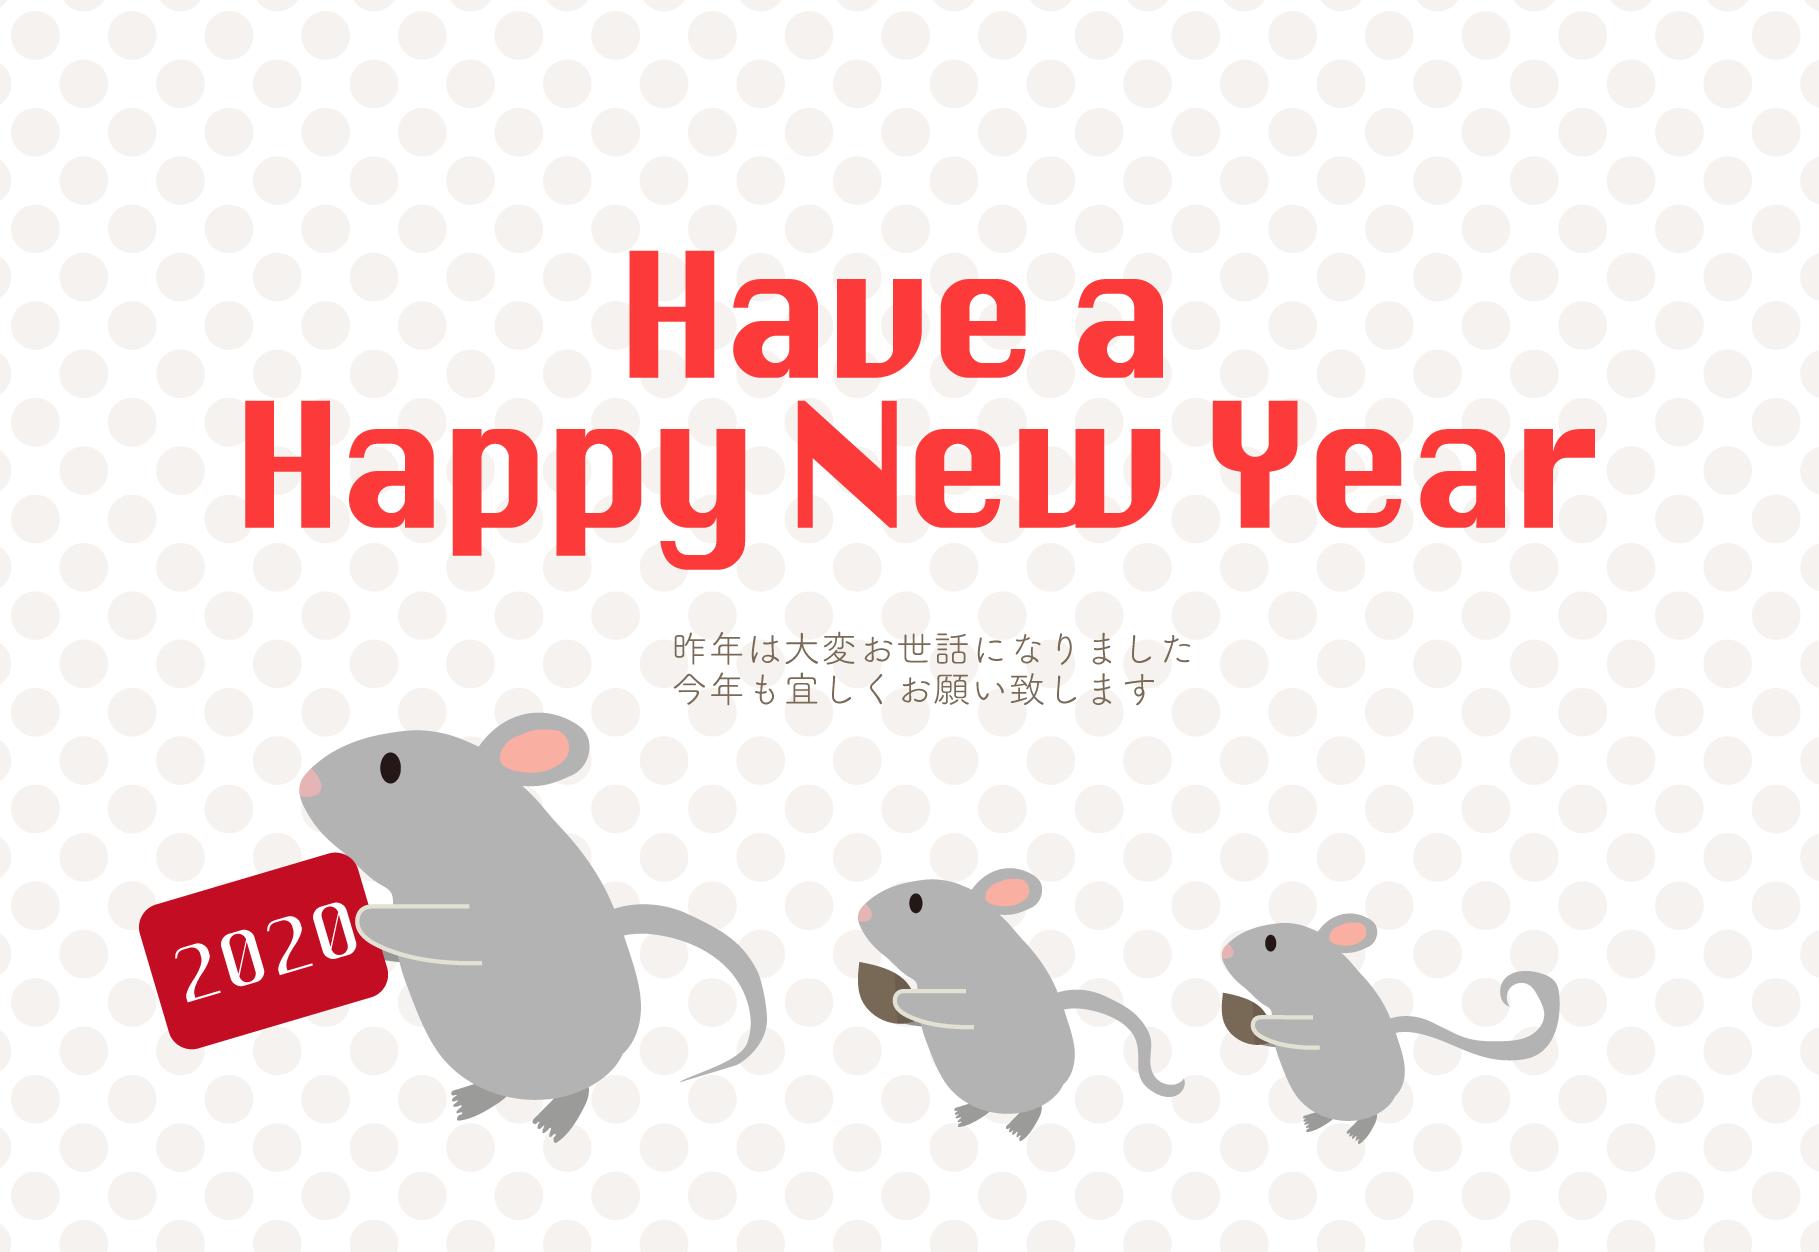 年賀状 2020 Have a Happy New Yearテンプレートかわいいイラスト!無料素材 ねずみの親子